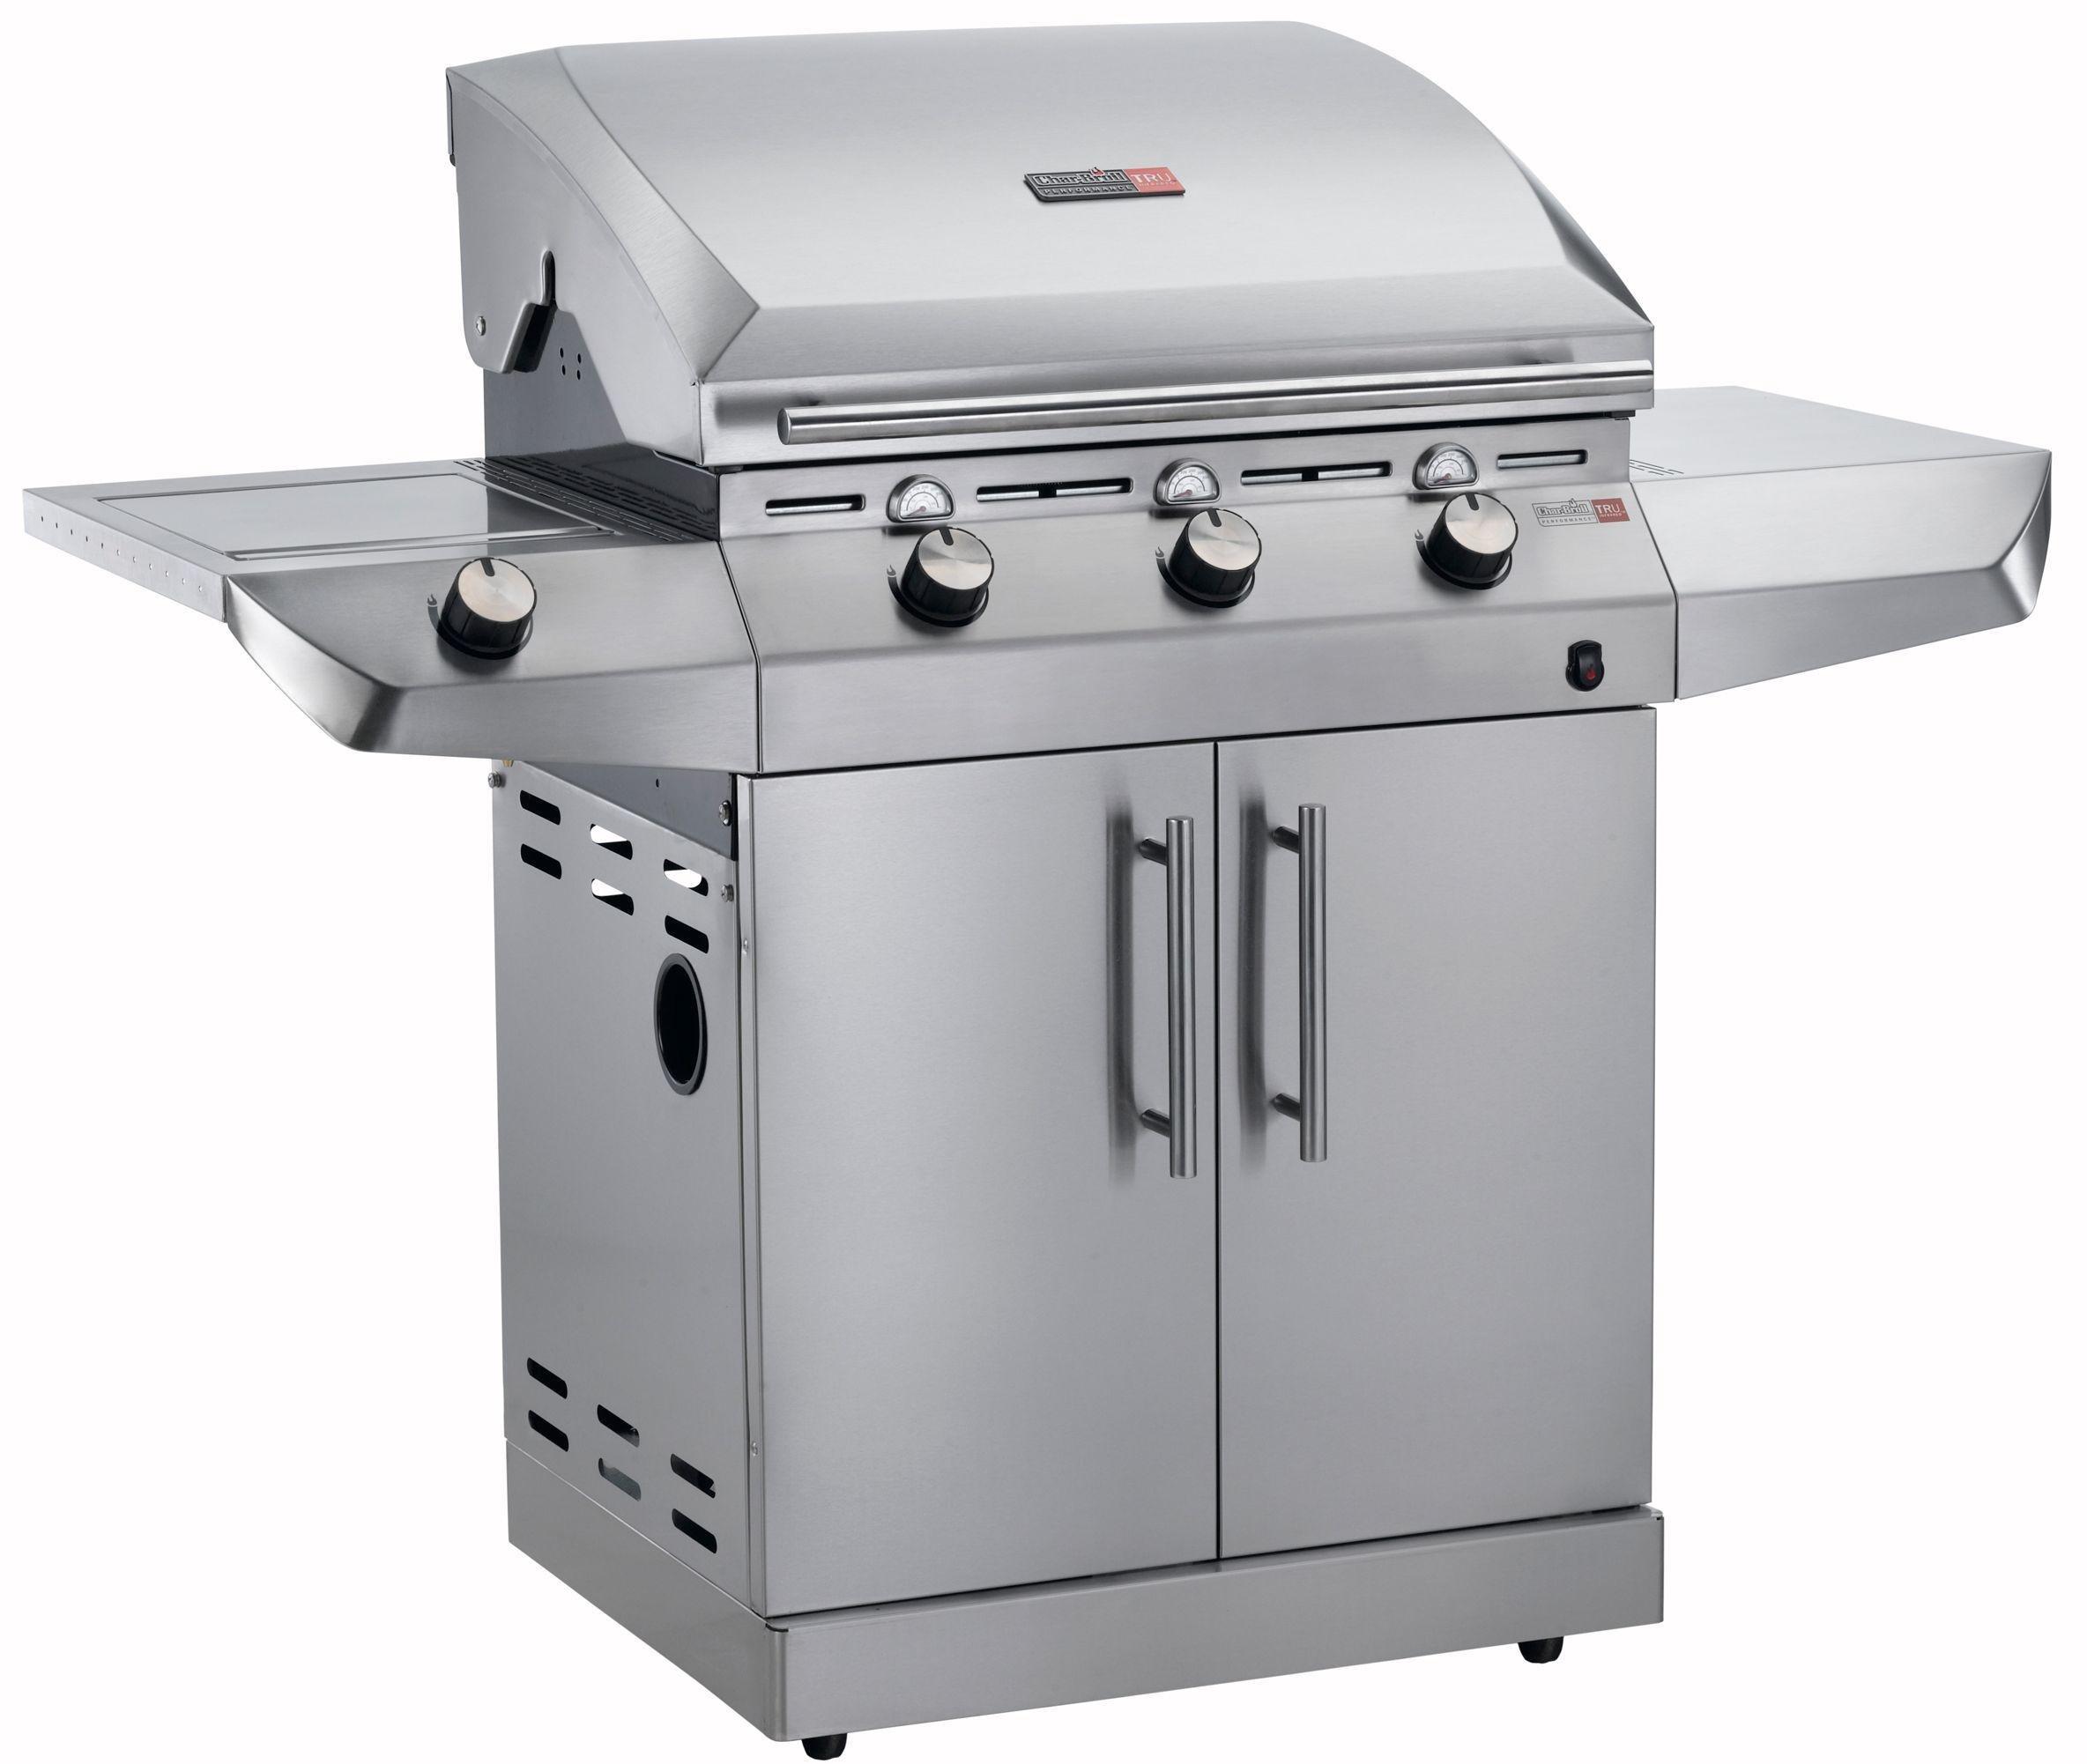 Char-Broil T36G5 - 3 Burner Gas BBQ with Side-Burner